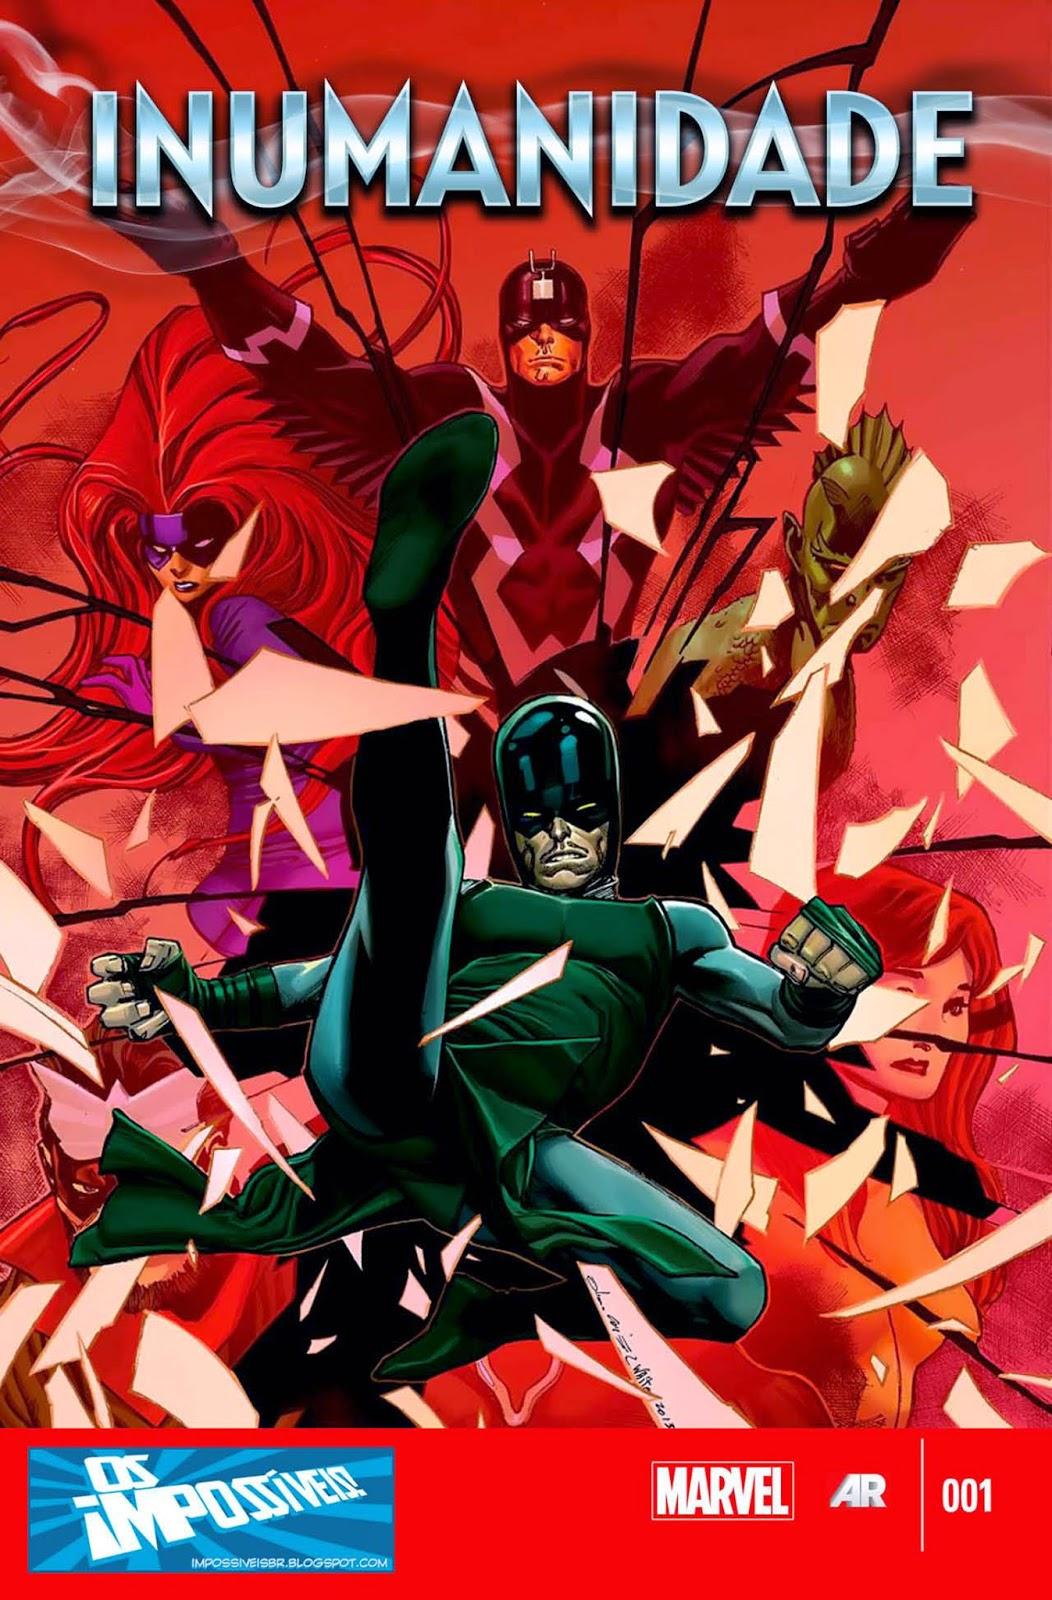 Nova Marvel! Inumanidade #1